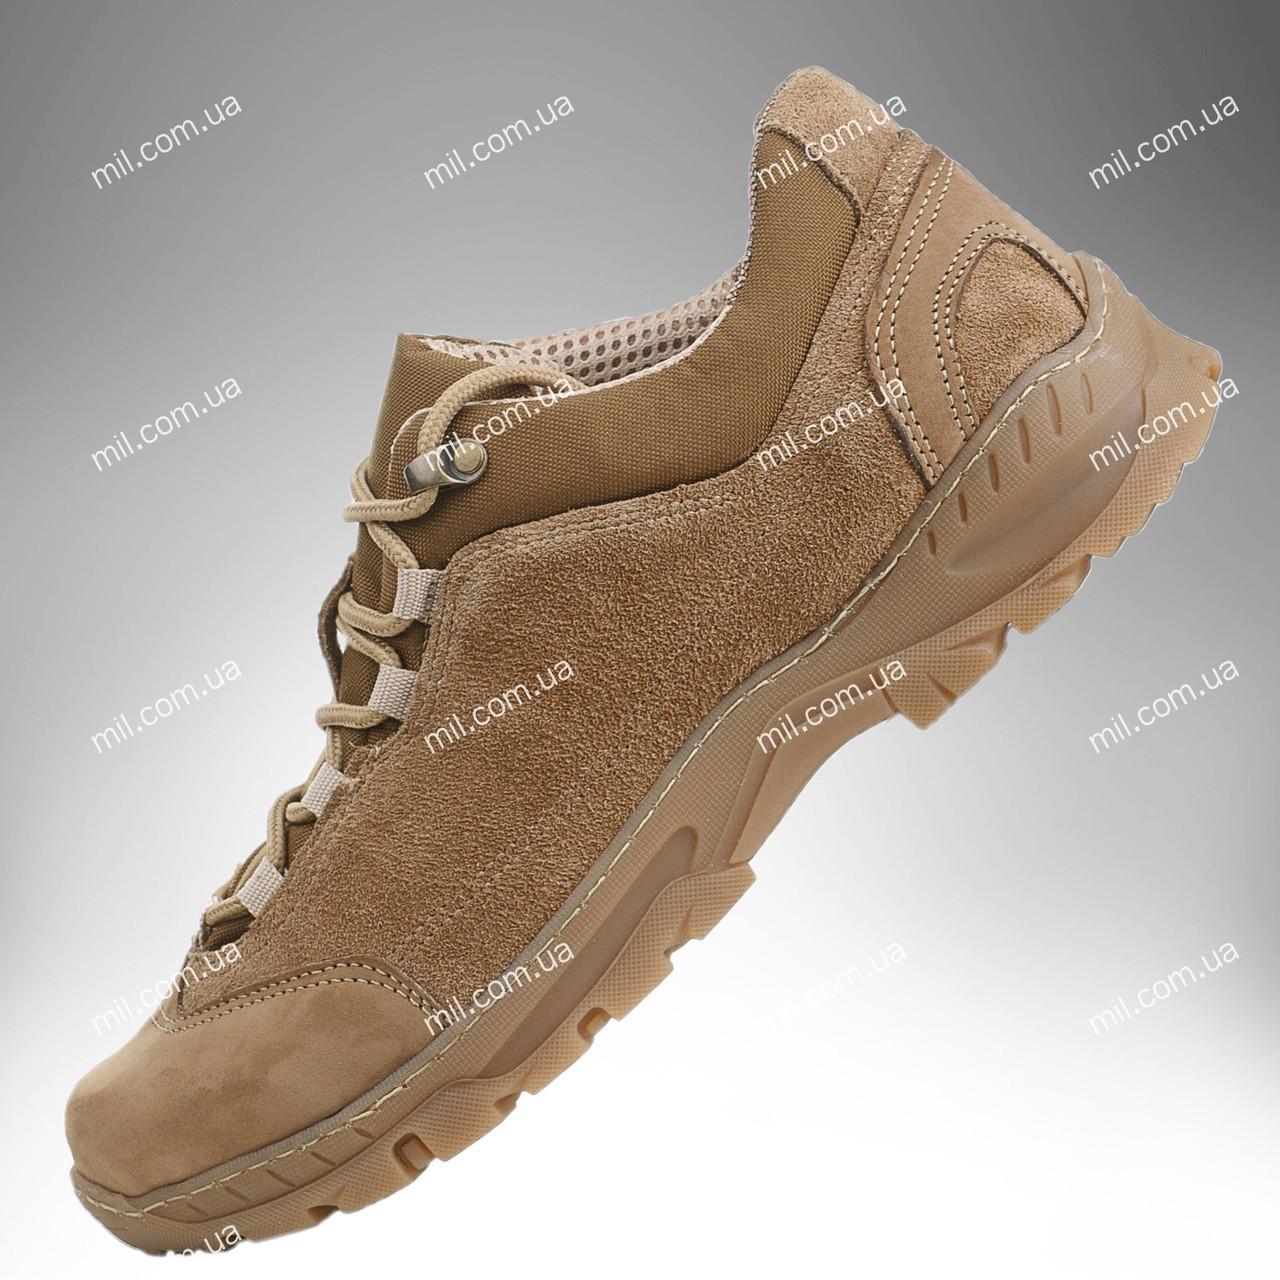 ⭐⭐Тактические кроссовки / демисезонная военная обувь Trooper DESERT (coyote)   военные кроссовки, тактические